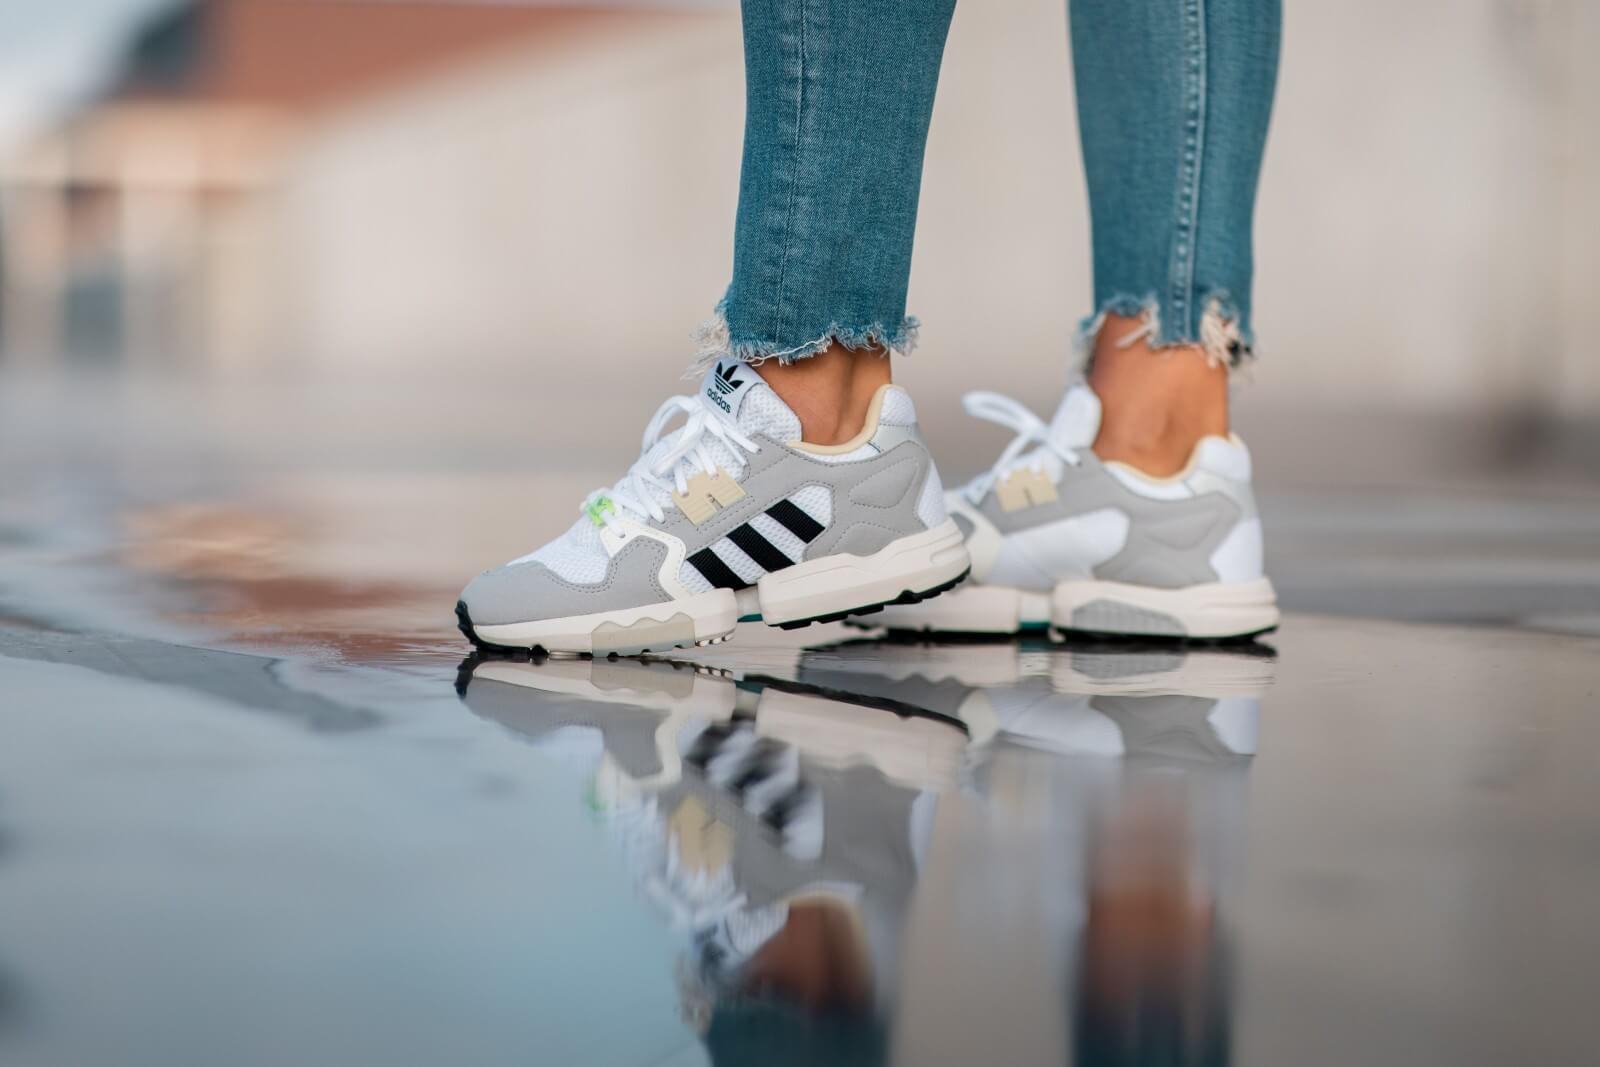 Adidas Women's ZX Torsion Footwear White/Core Black-Grey Two